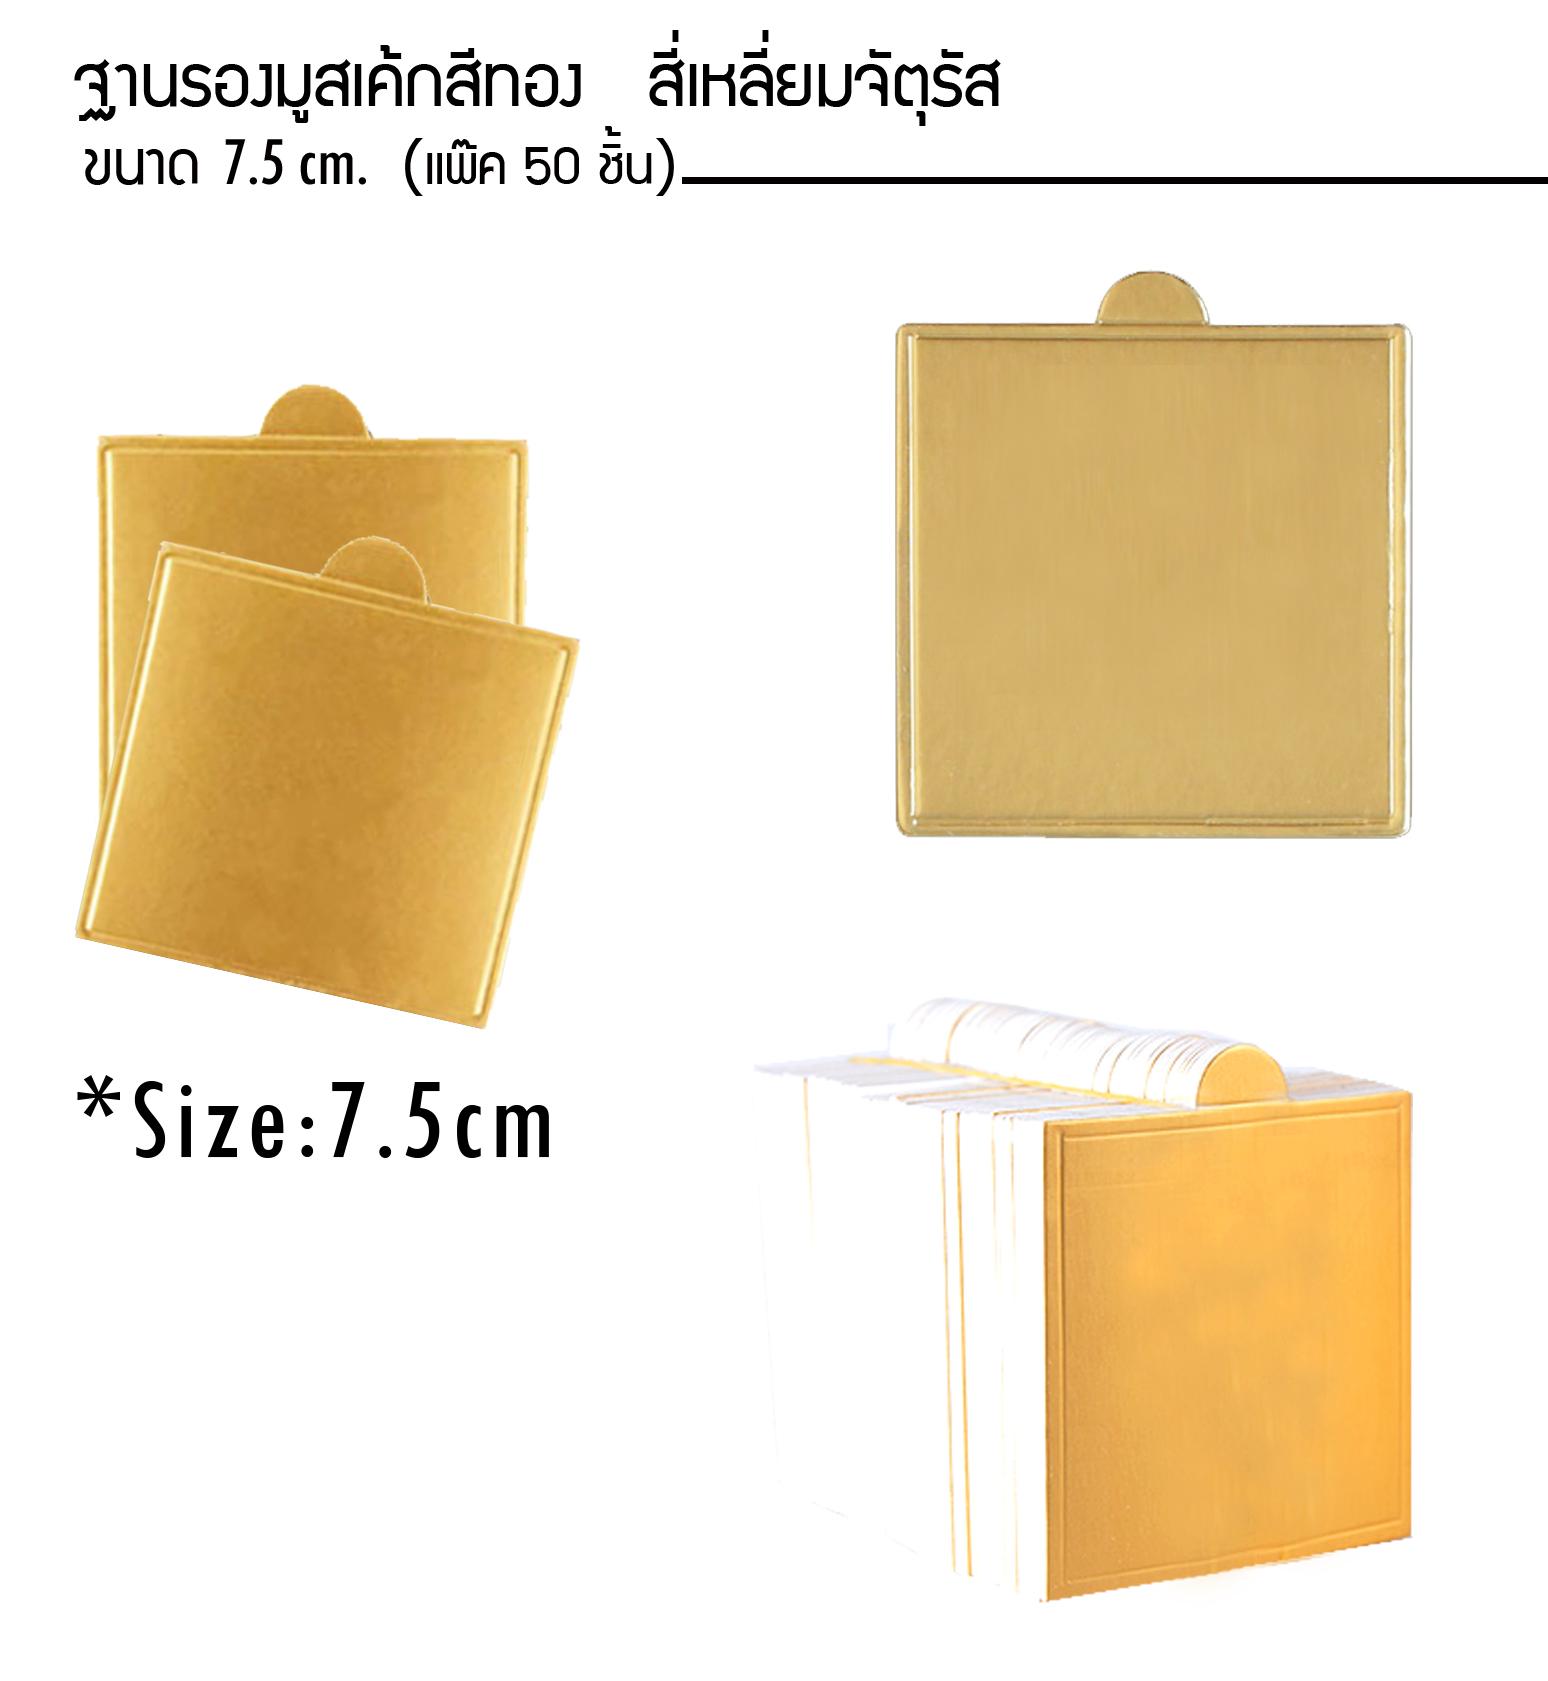 ฐานรองมูสเค้กสีทอง สี่เหลี่ยมจัตุรัส size 7*7 cm.(50ชิ้น)